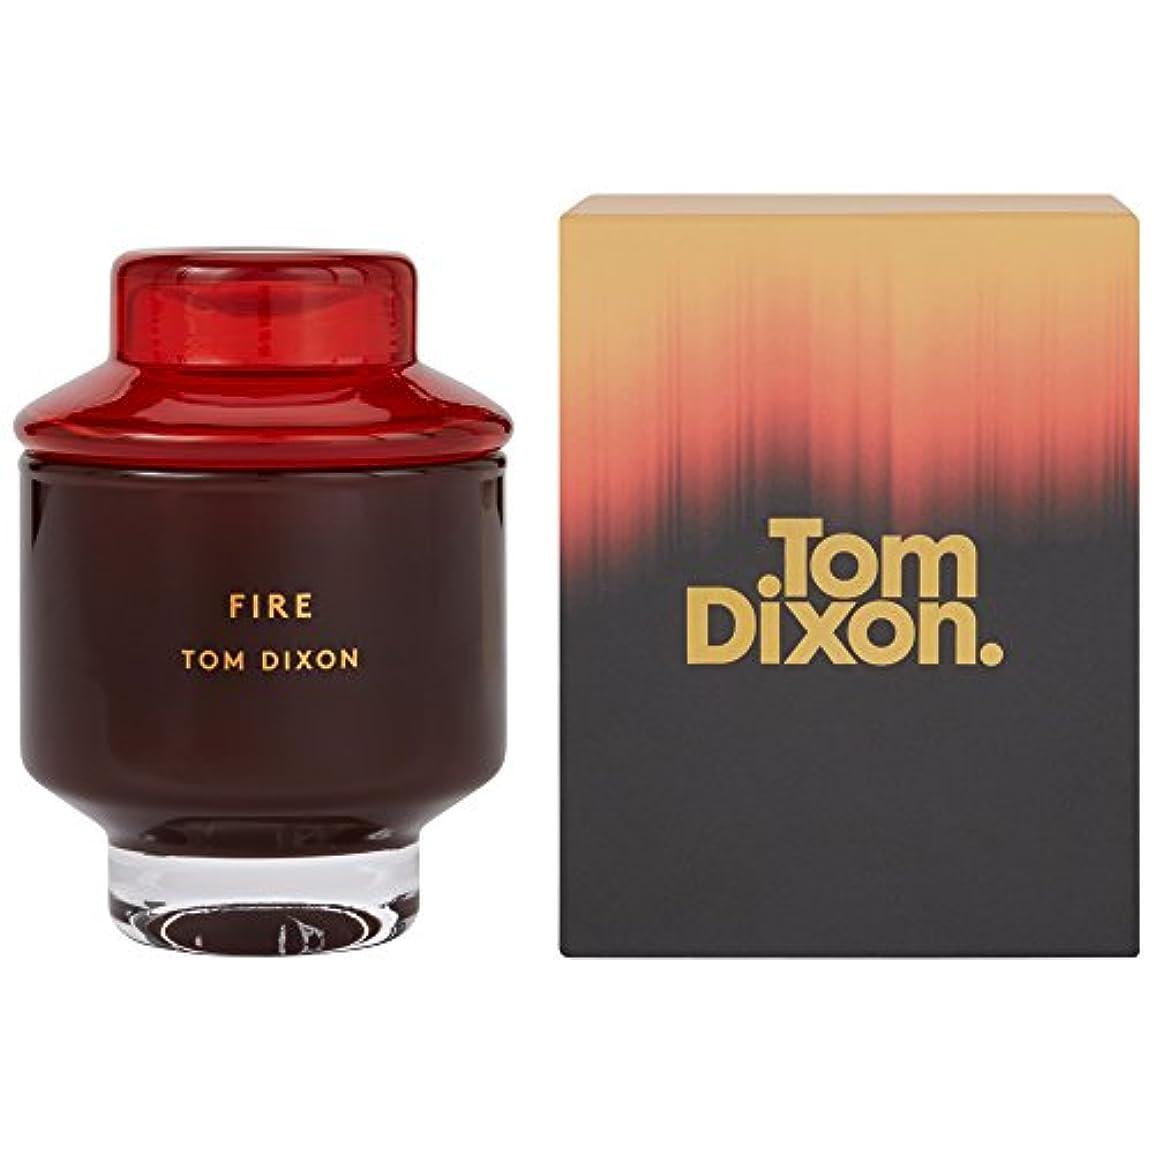 湾光の挽くトム?ディクソン火災香りのキャンドル媒体 x6 - Tom Dixon Fire Scented Candle Medium (Pack of 6) [並行輸入品]